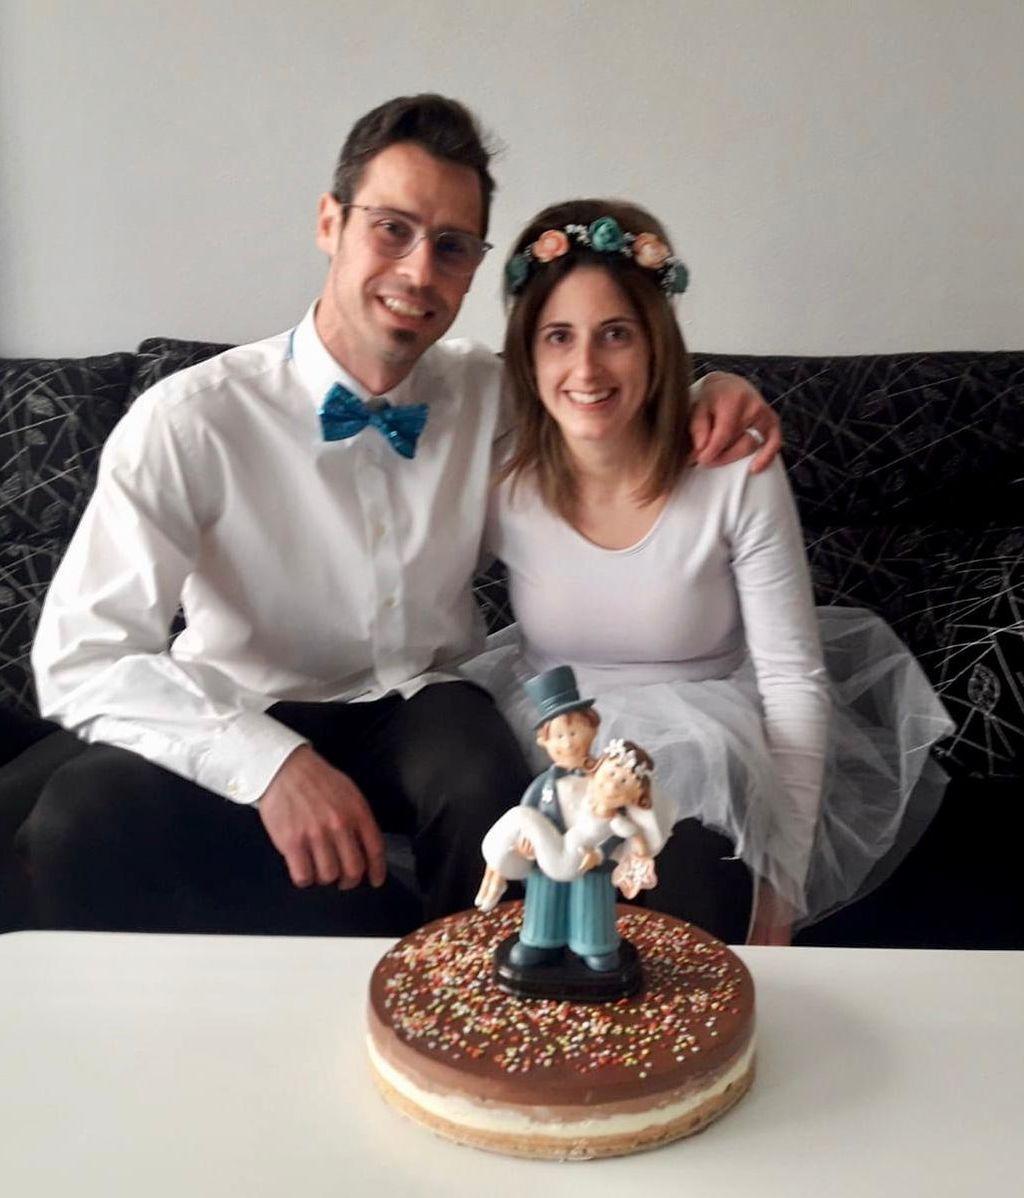 La boda por sorpresa de una pareja de Arnedo en su balcón - NIUS